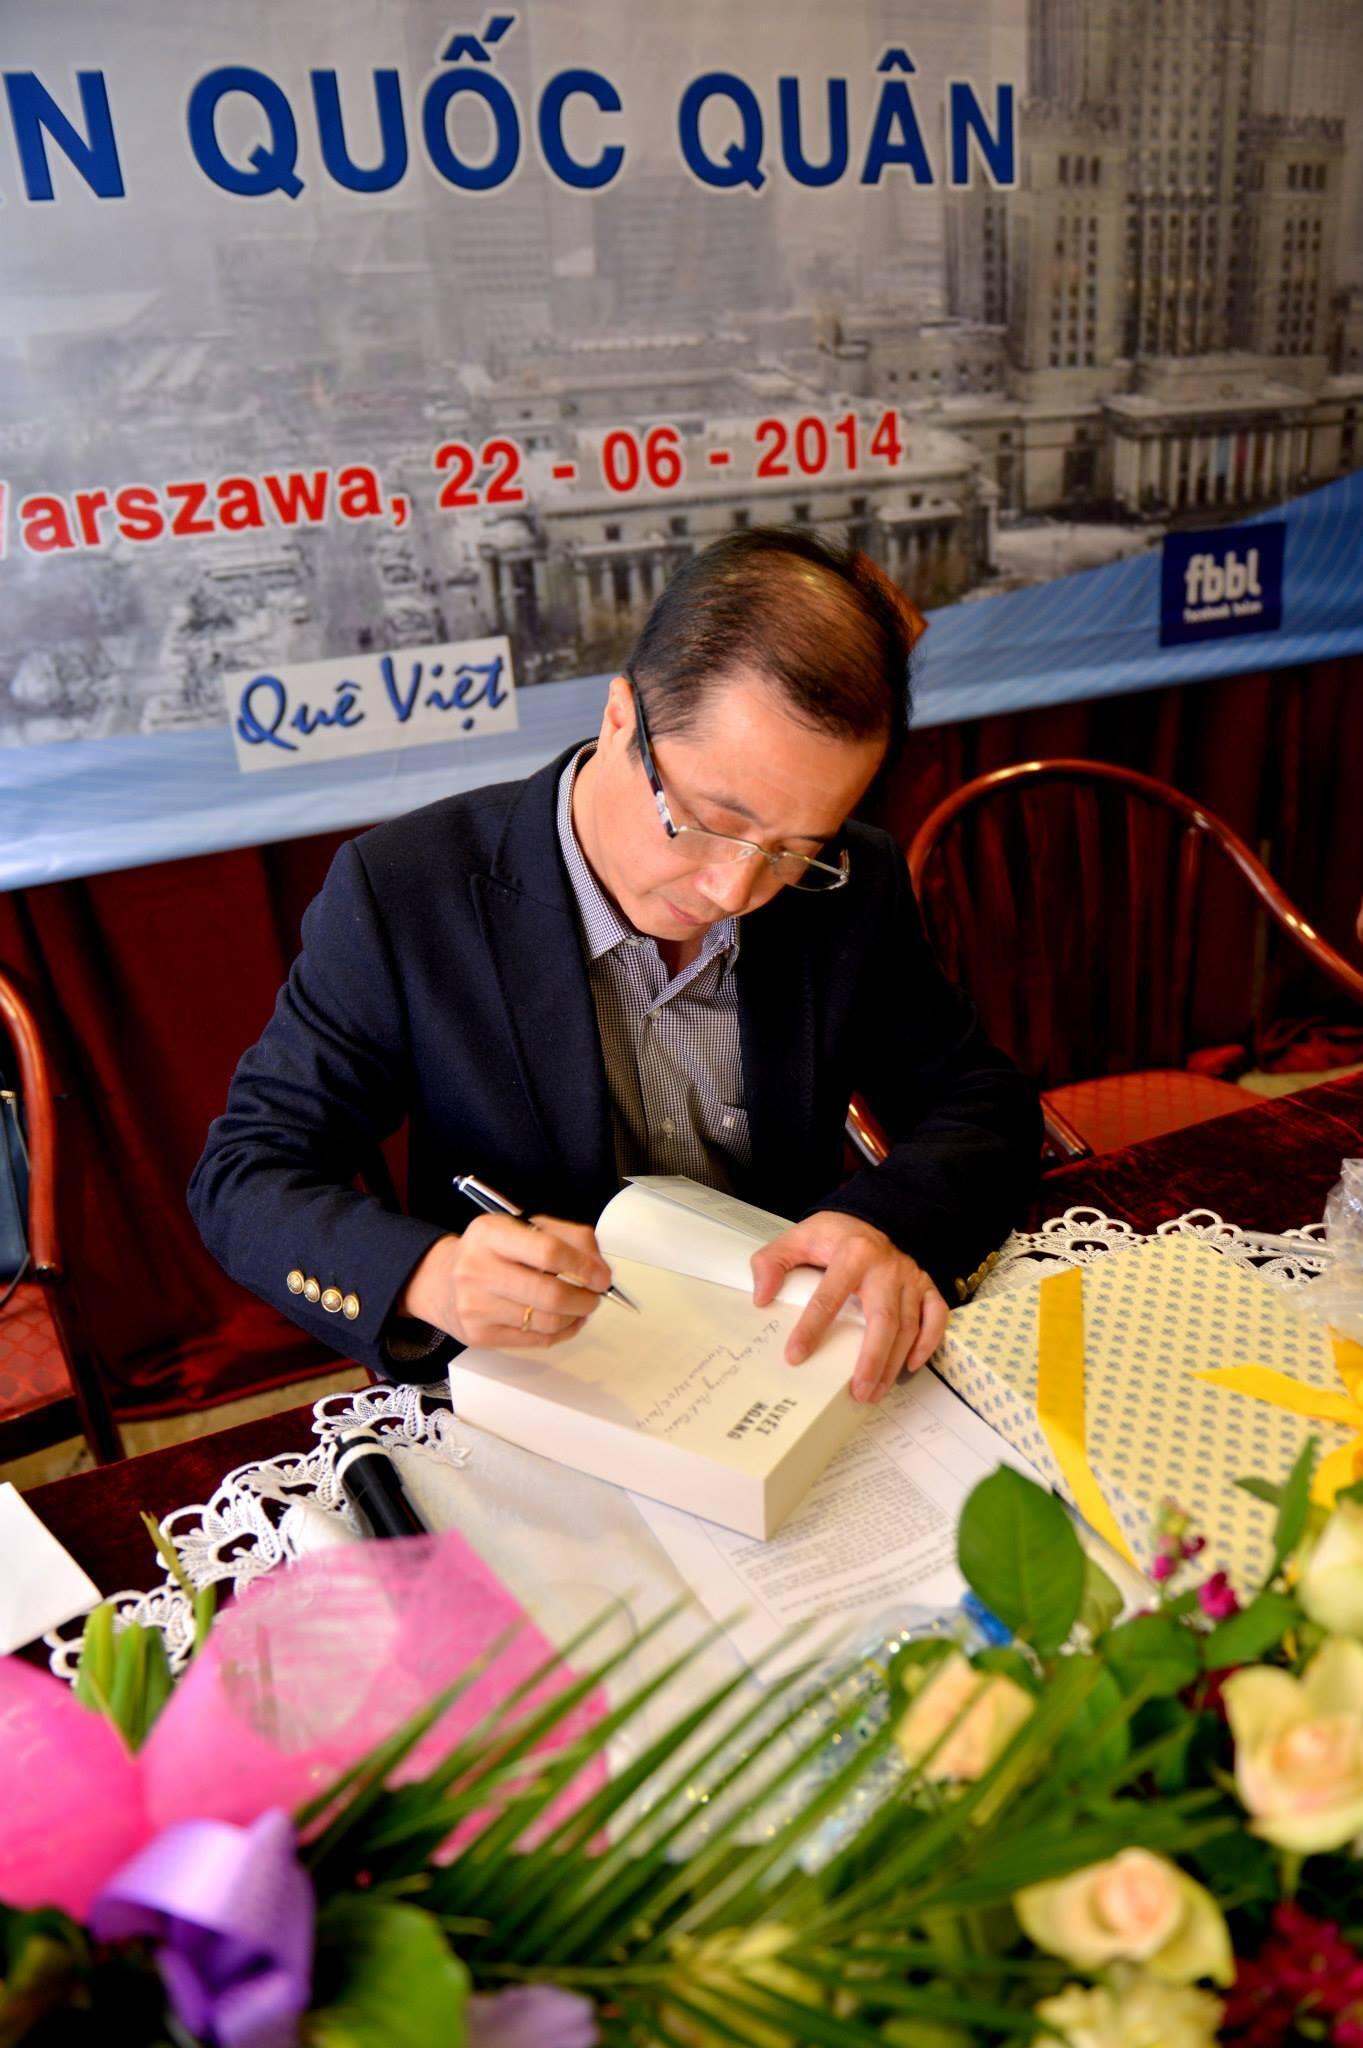 """Tác giả Trần Quốc Quân ký tặng sách """" Tuyết Hoang"""" cho độc giả tại Ba Lan tháng 06/2014."""